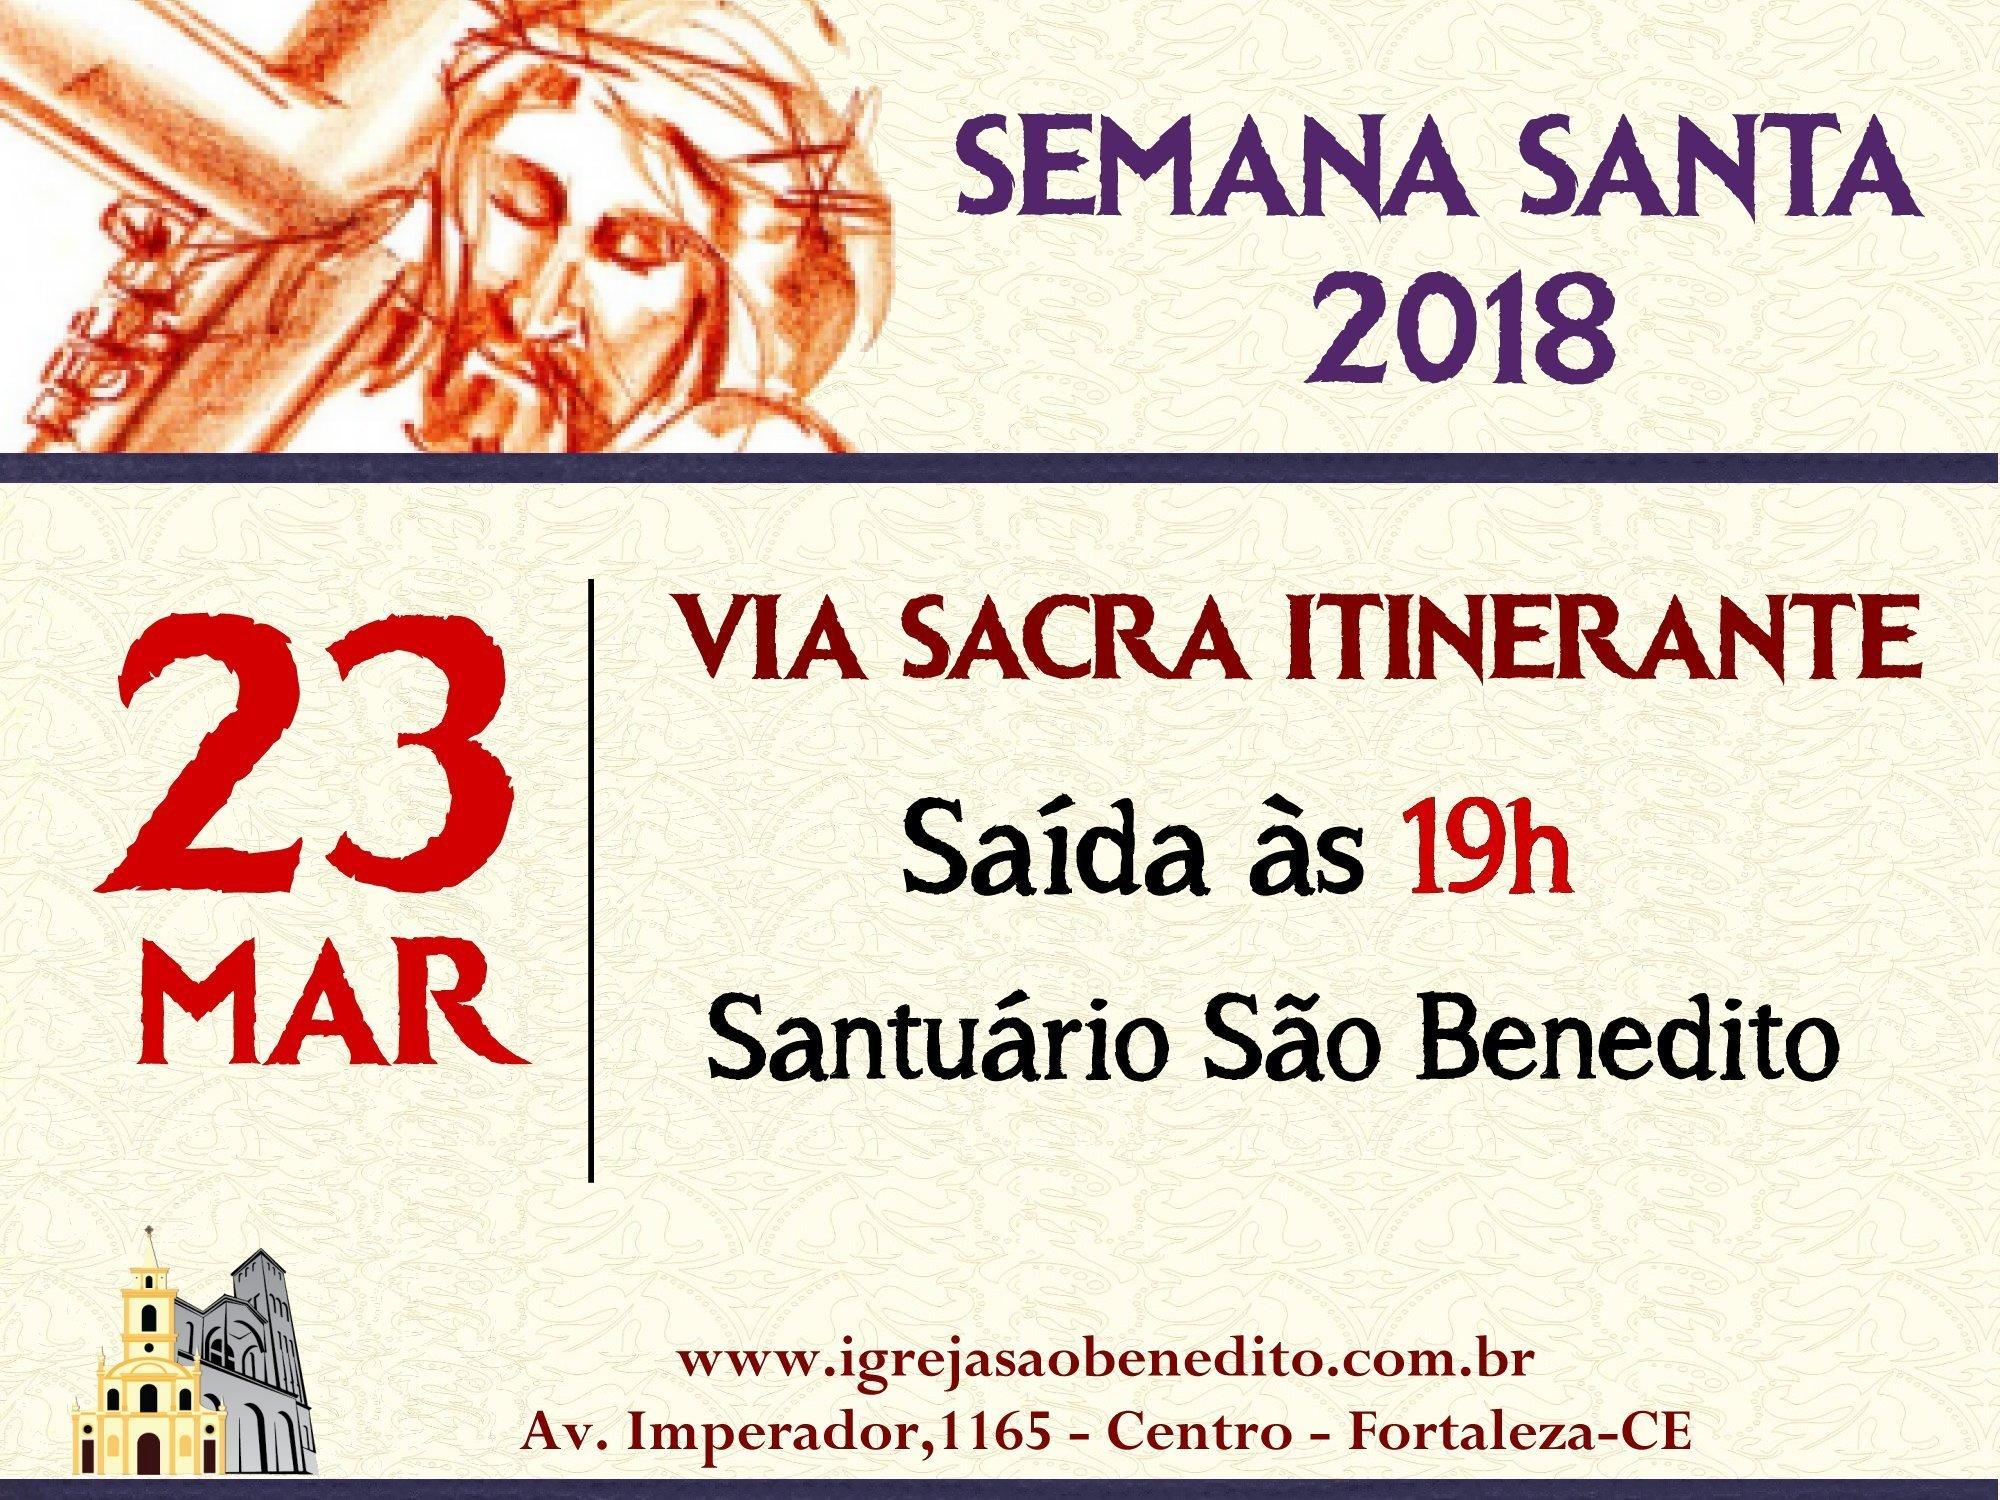 Programação da Semana Santa terá início com Via Sacra Itinerante nesta sexta dia 23